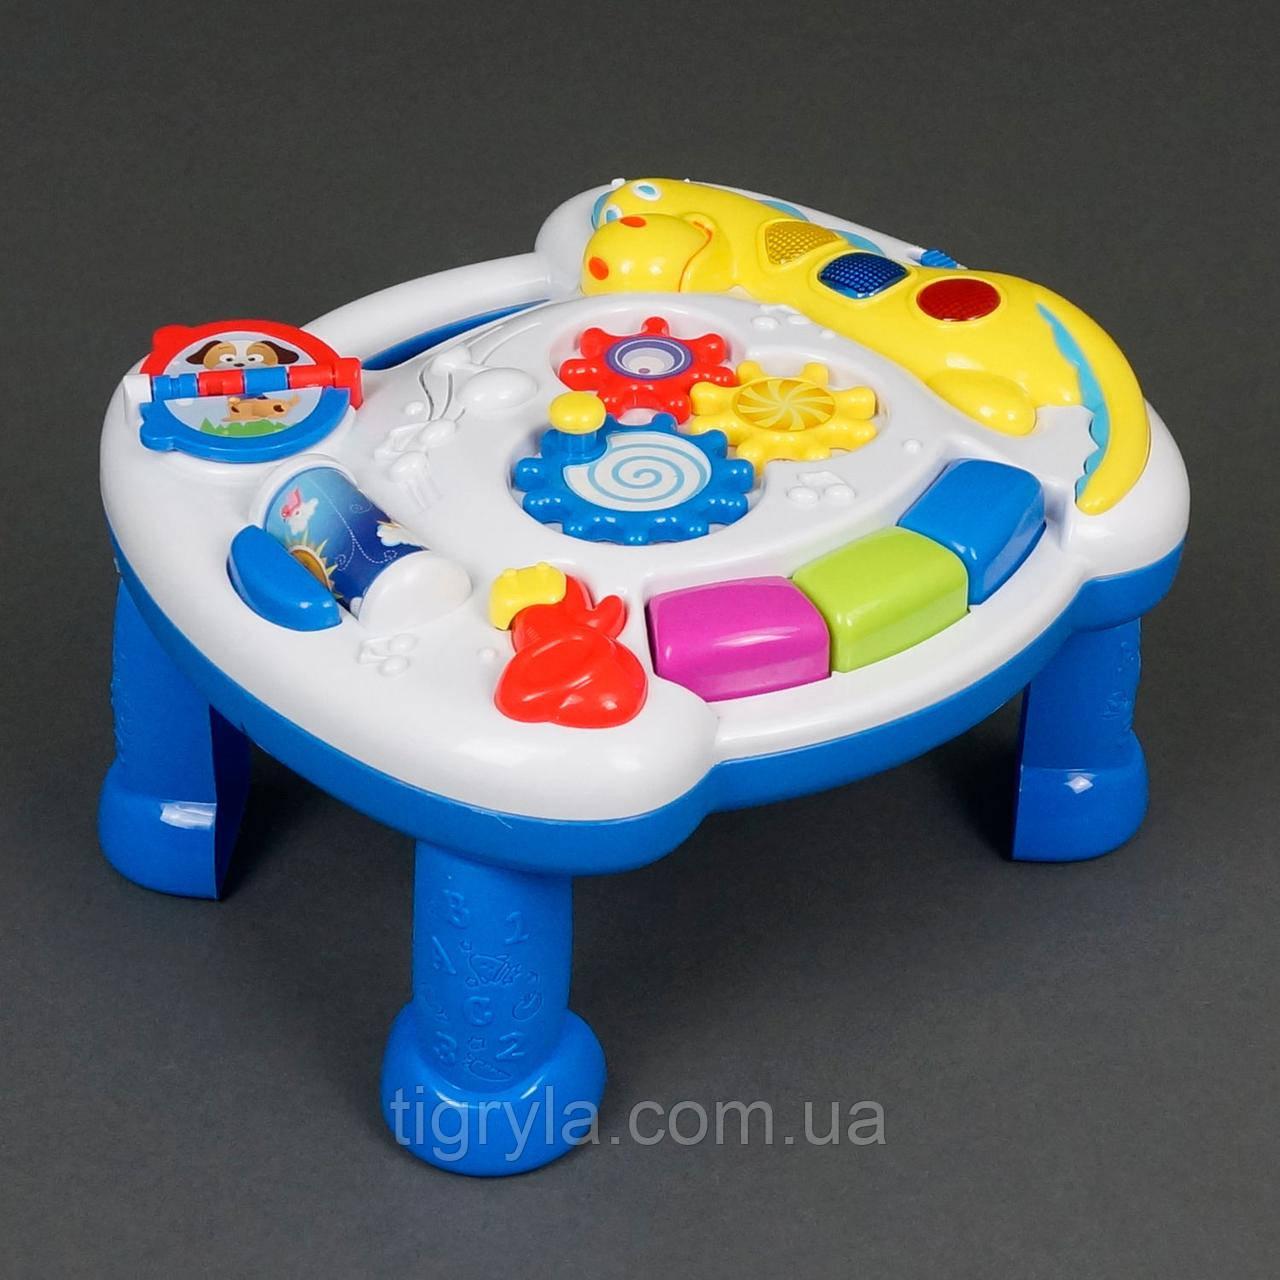 Игровой столик Динозаврик